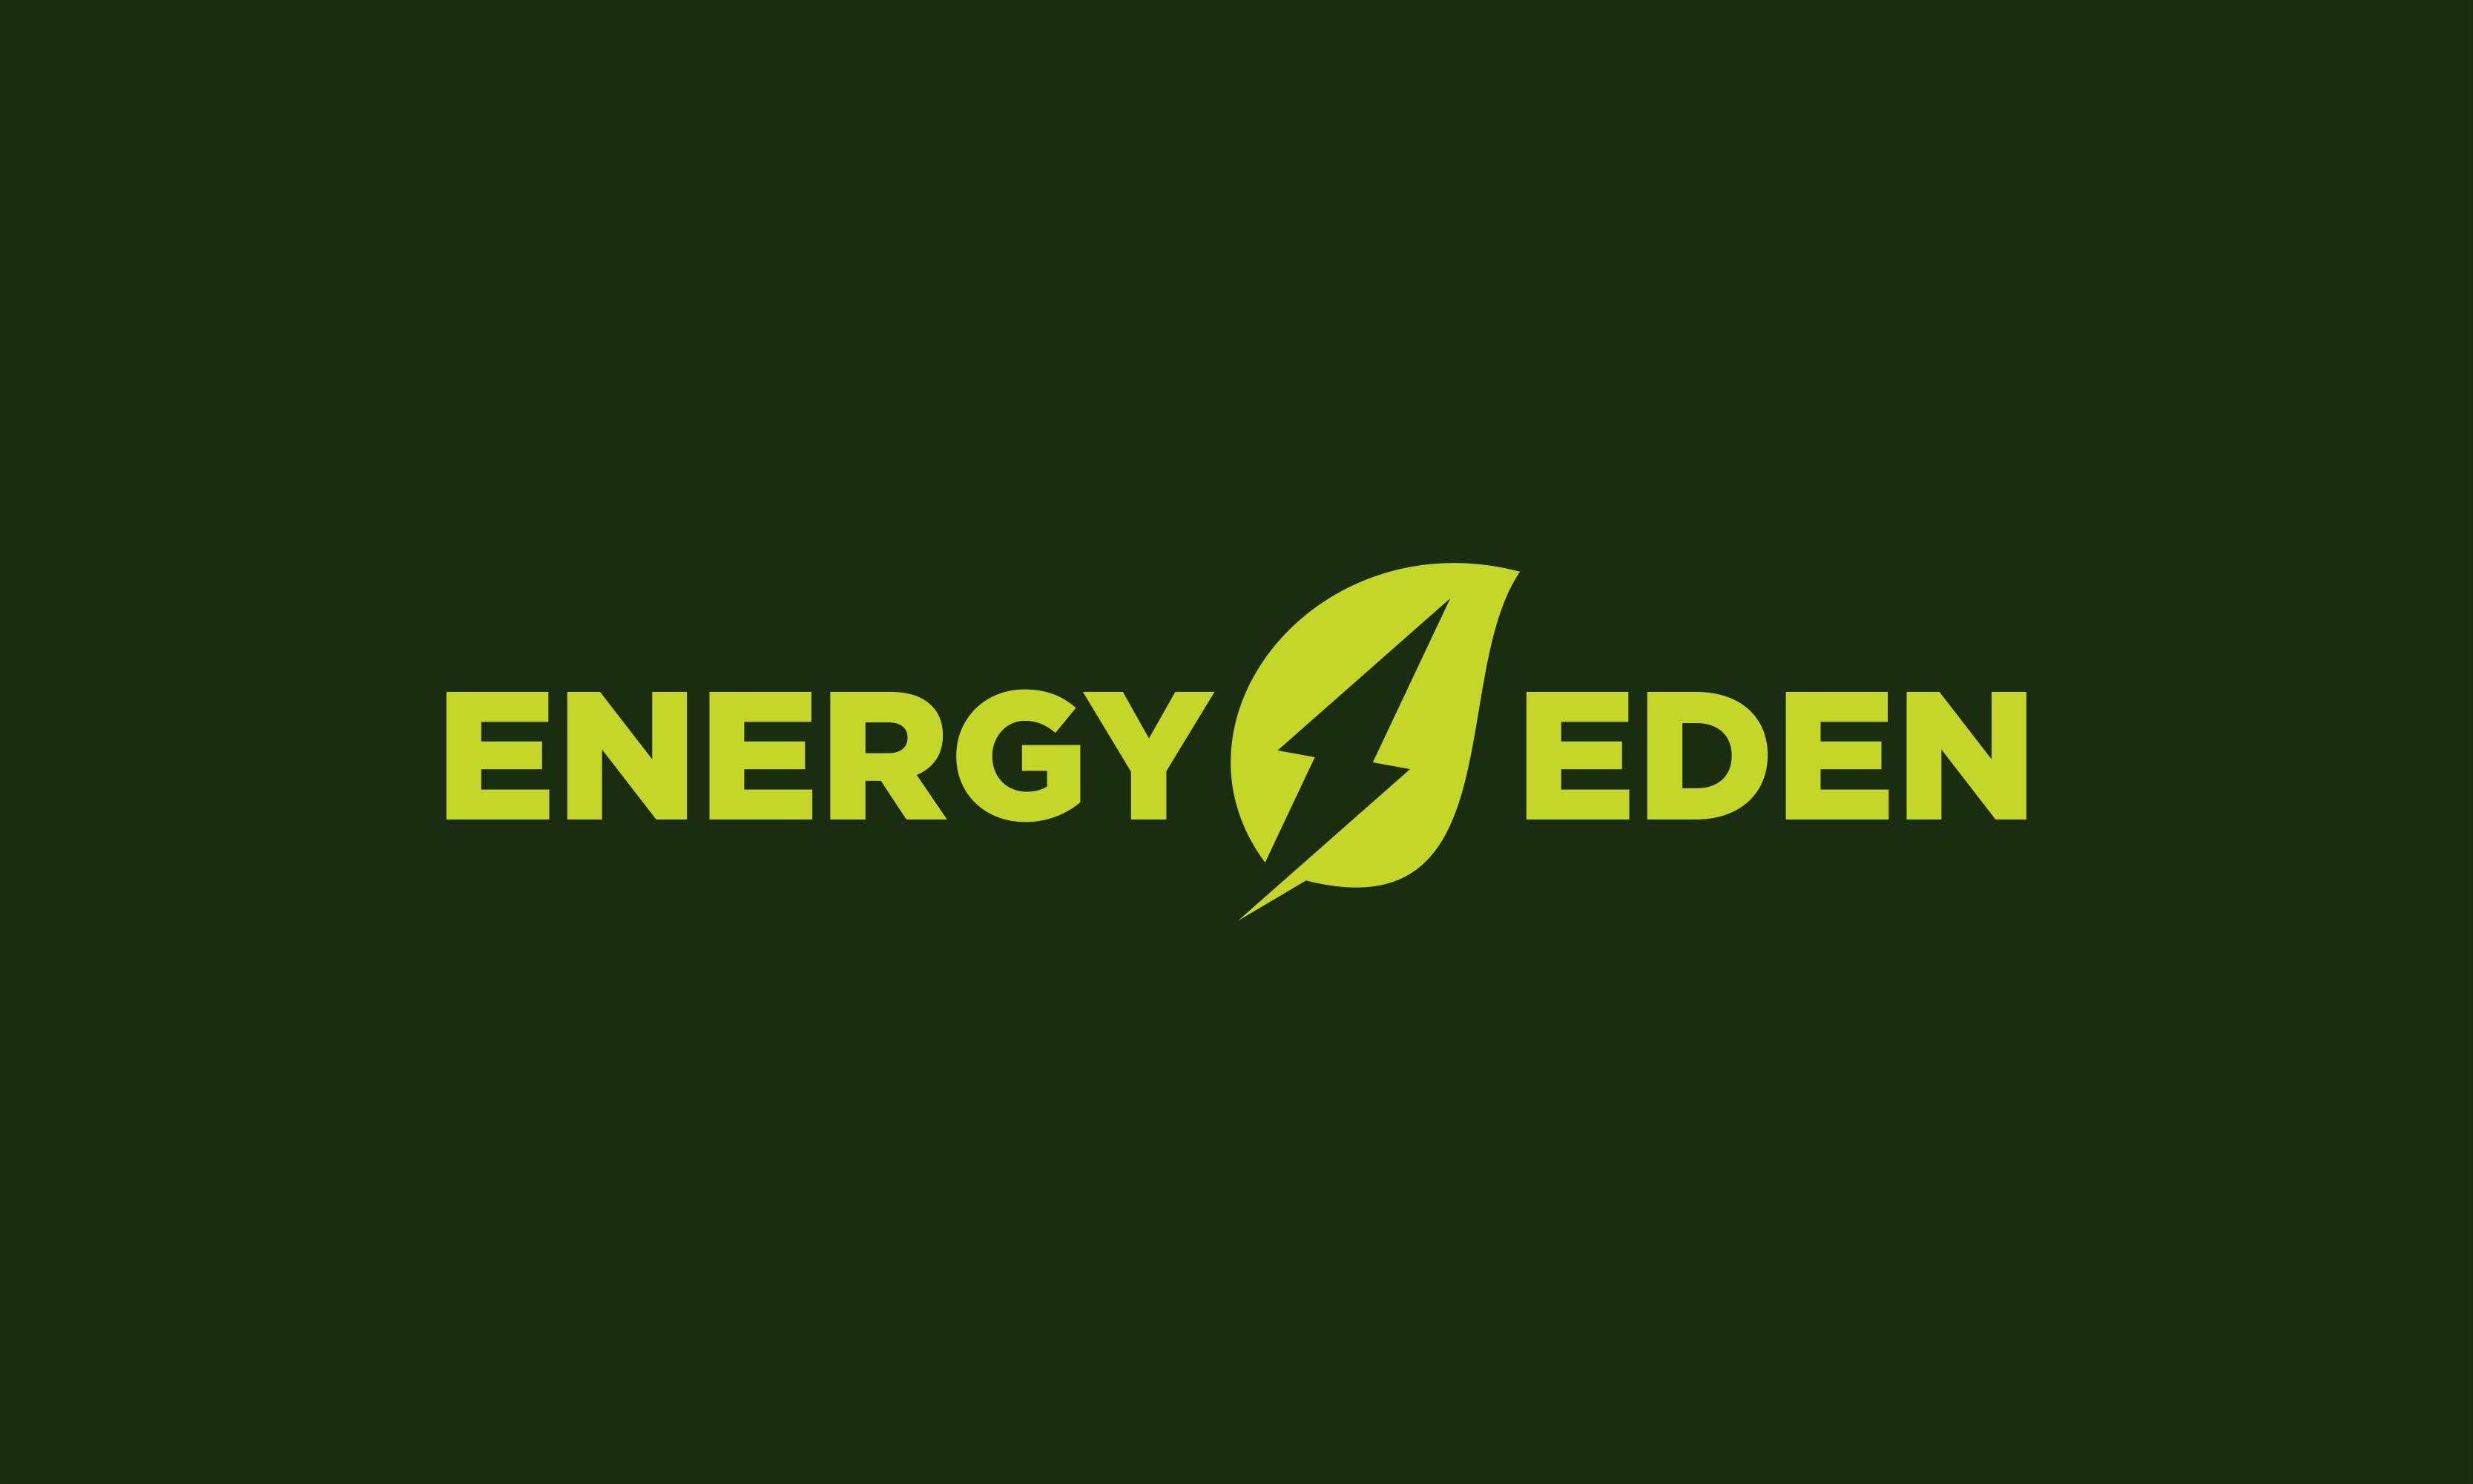 Energyeden